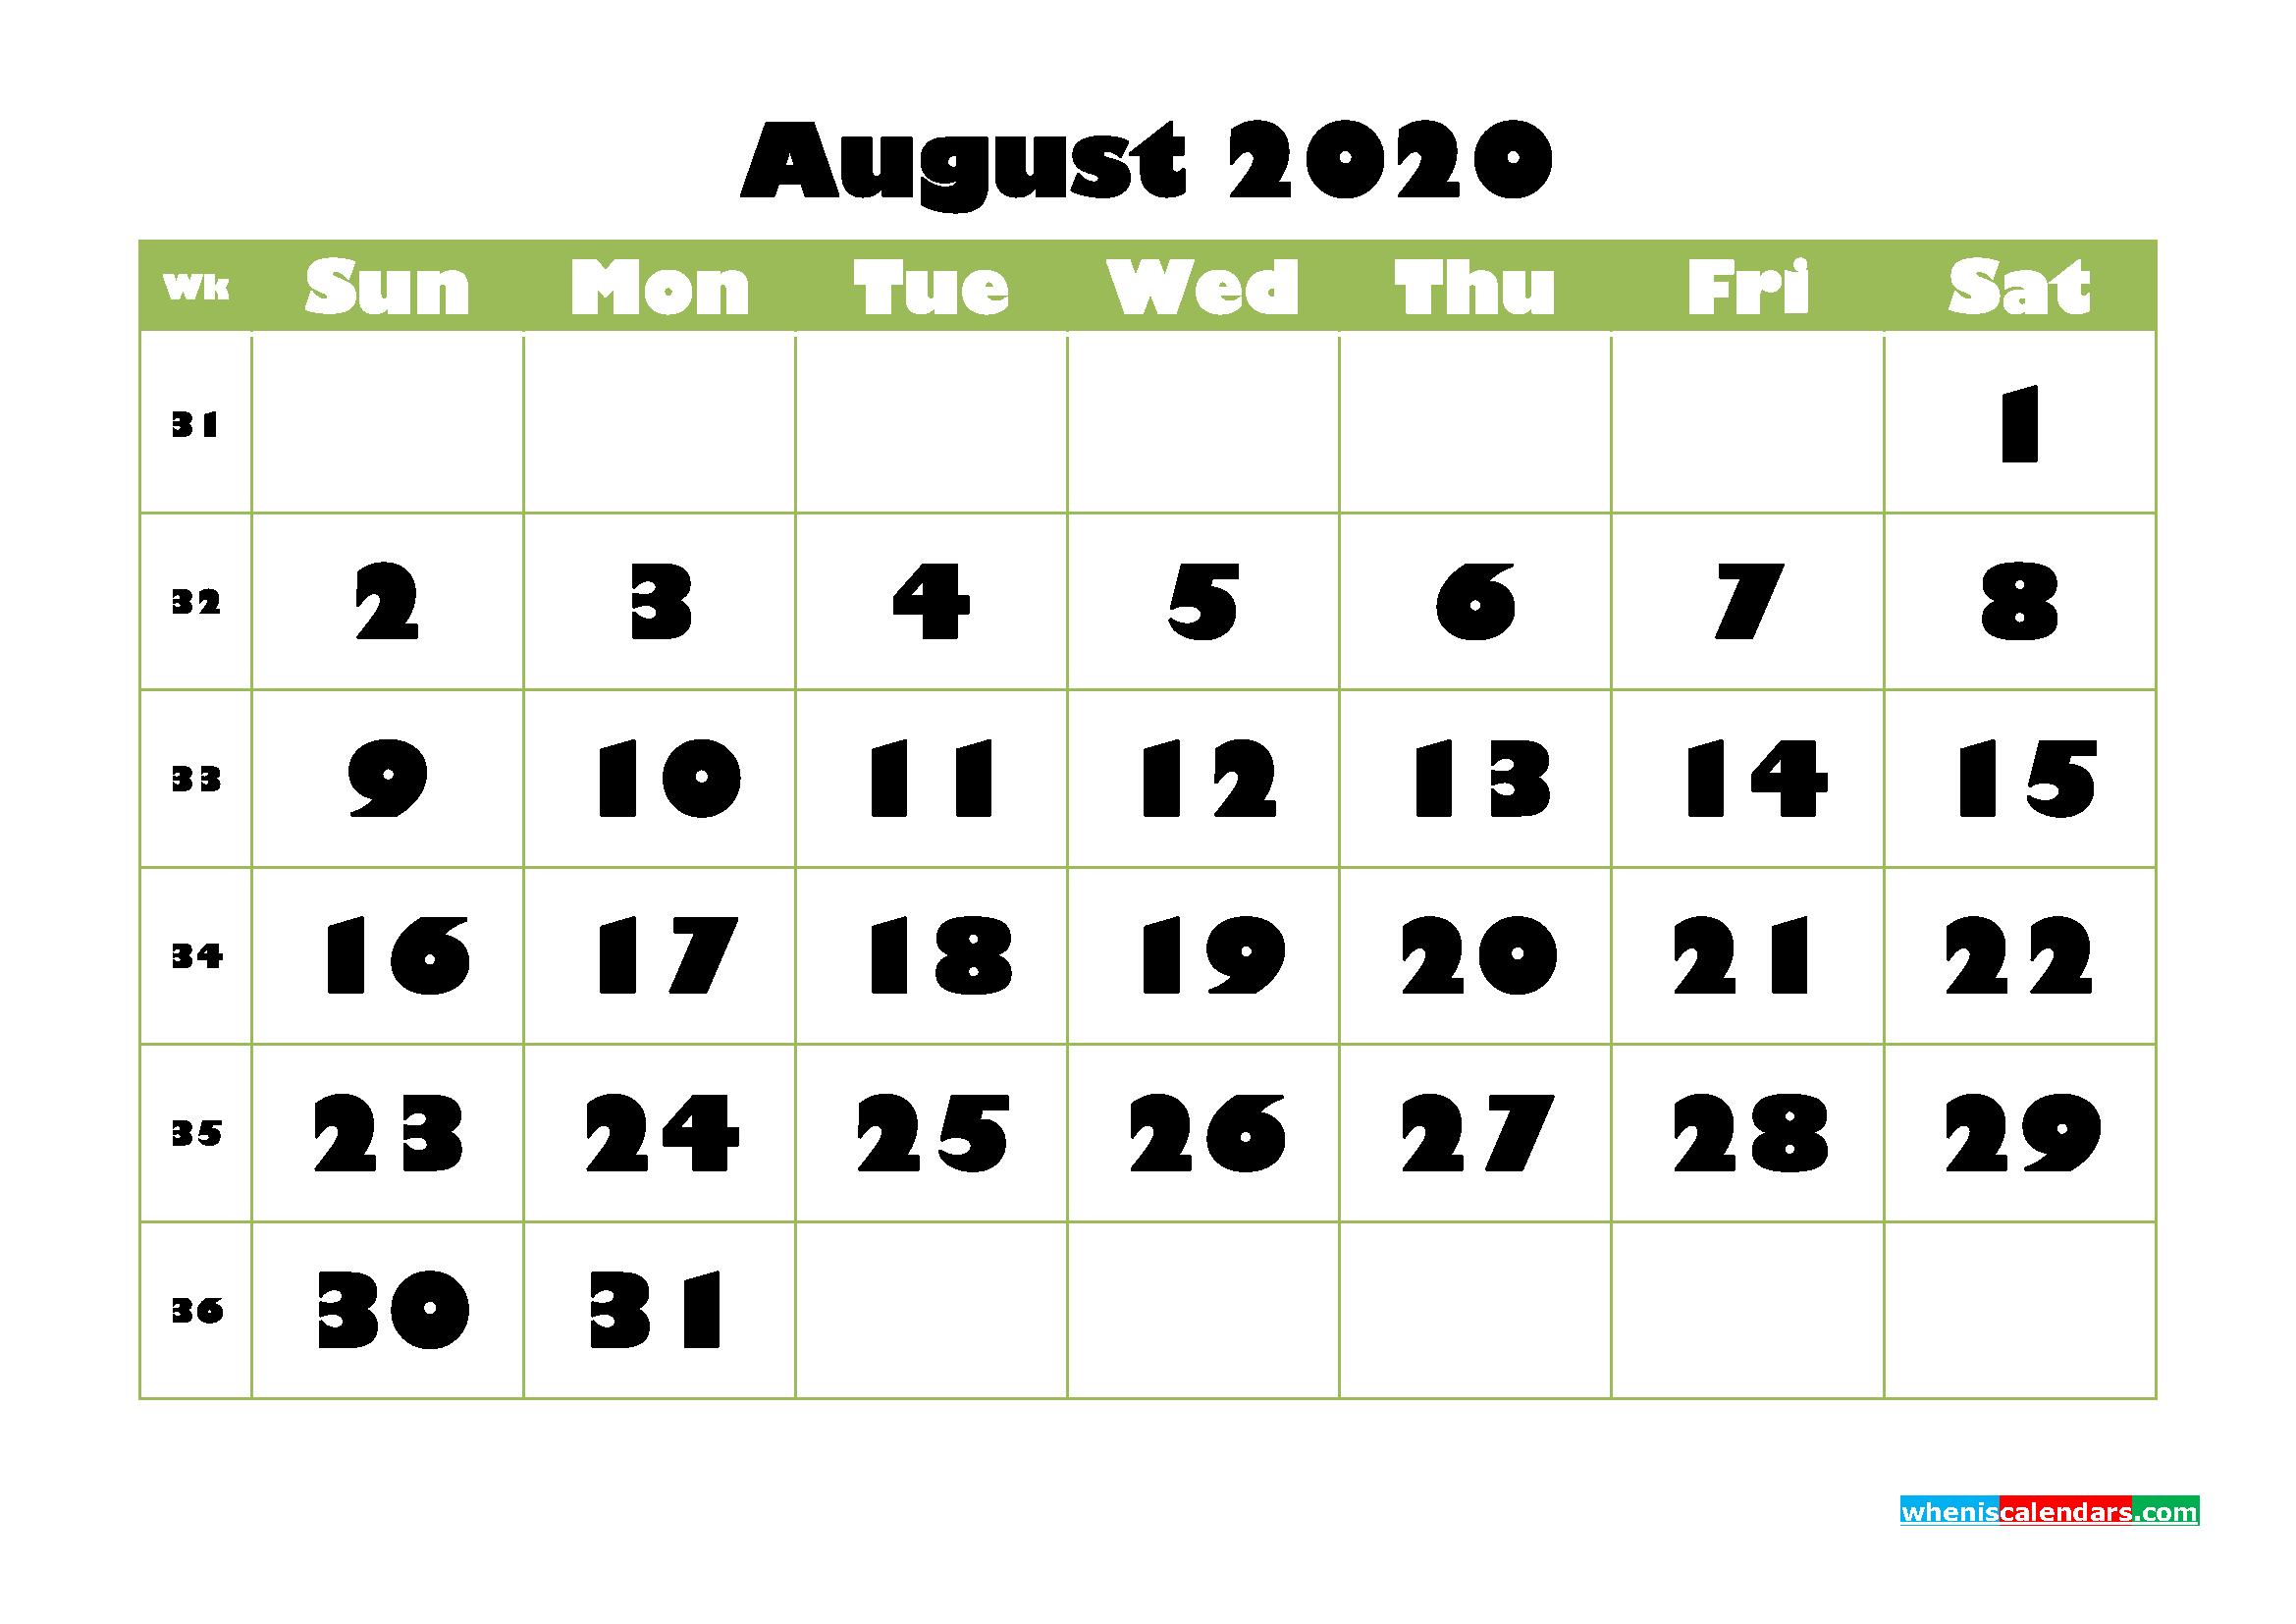 August Printable Calendar 2020 PDF, Word - No.m20b740